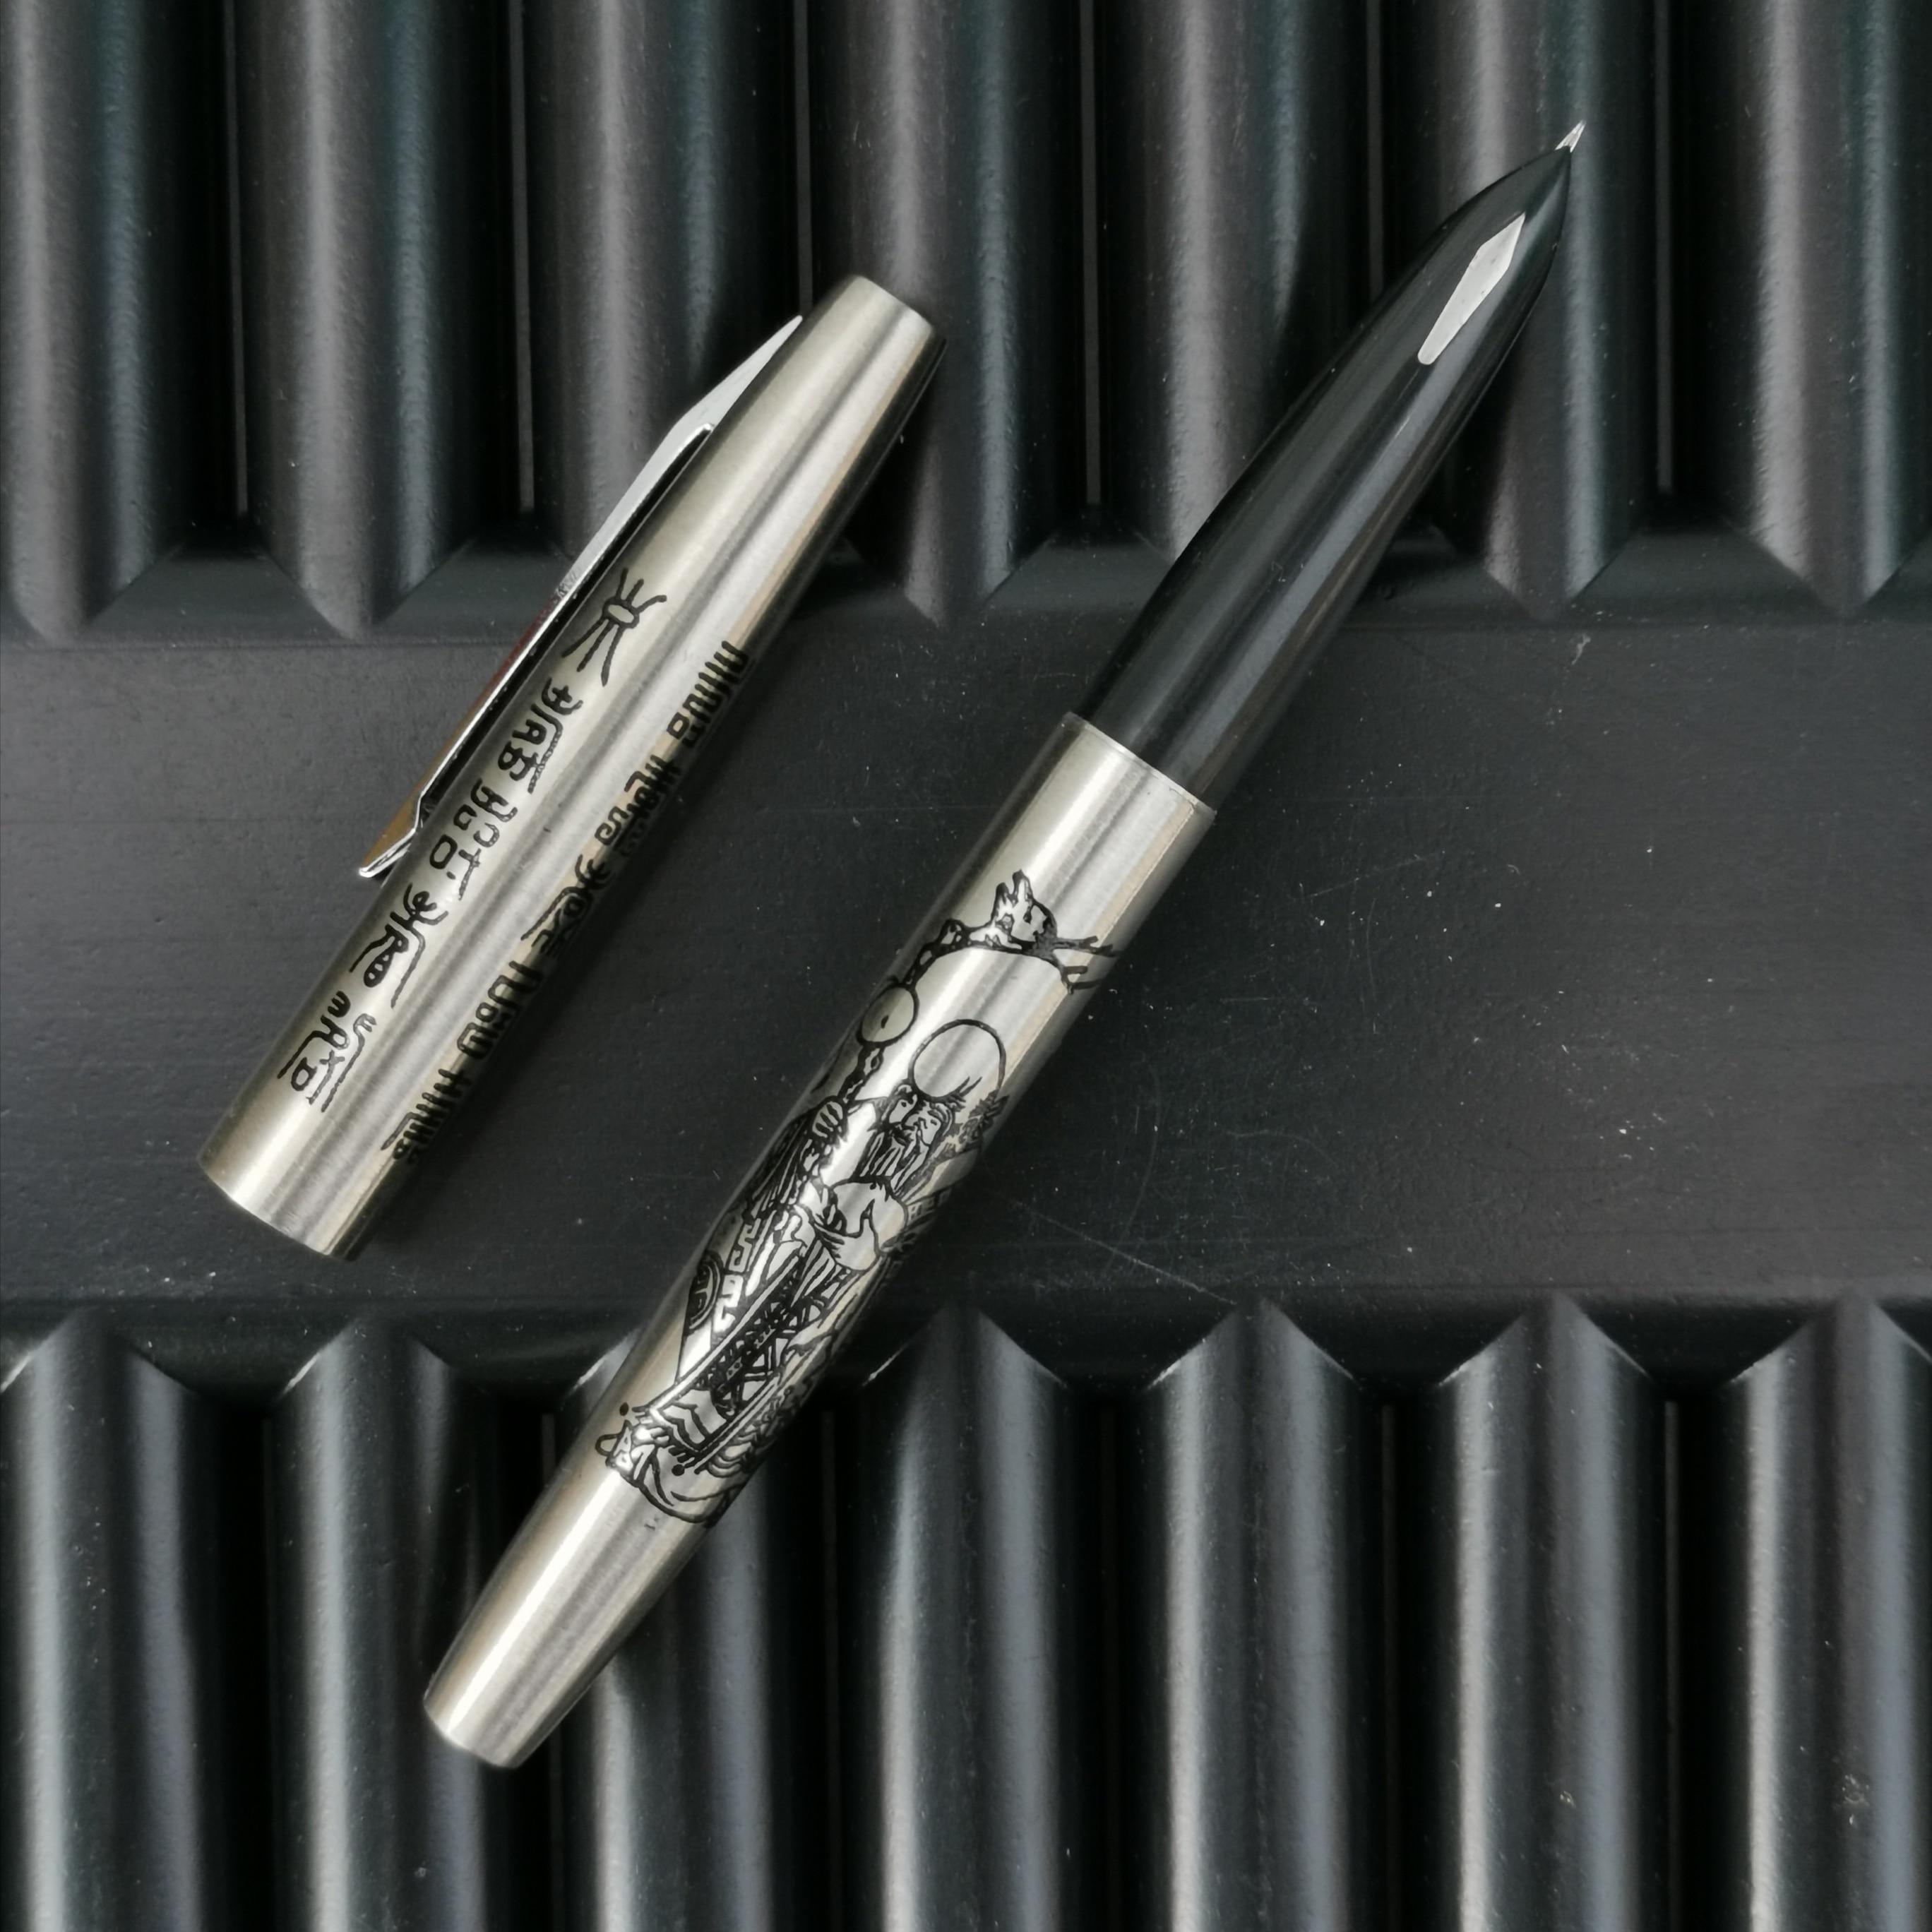 Vieux Stock étoile dorée stylo plume vénus flèche marque homme plus âgé stylo à encre remplissage aérométrique papeterie bureau fournitures scolaires